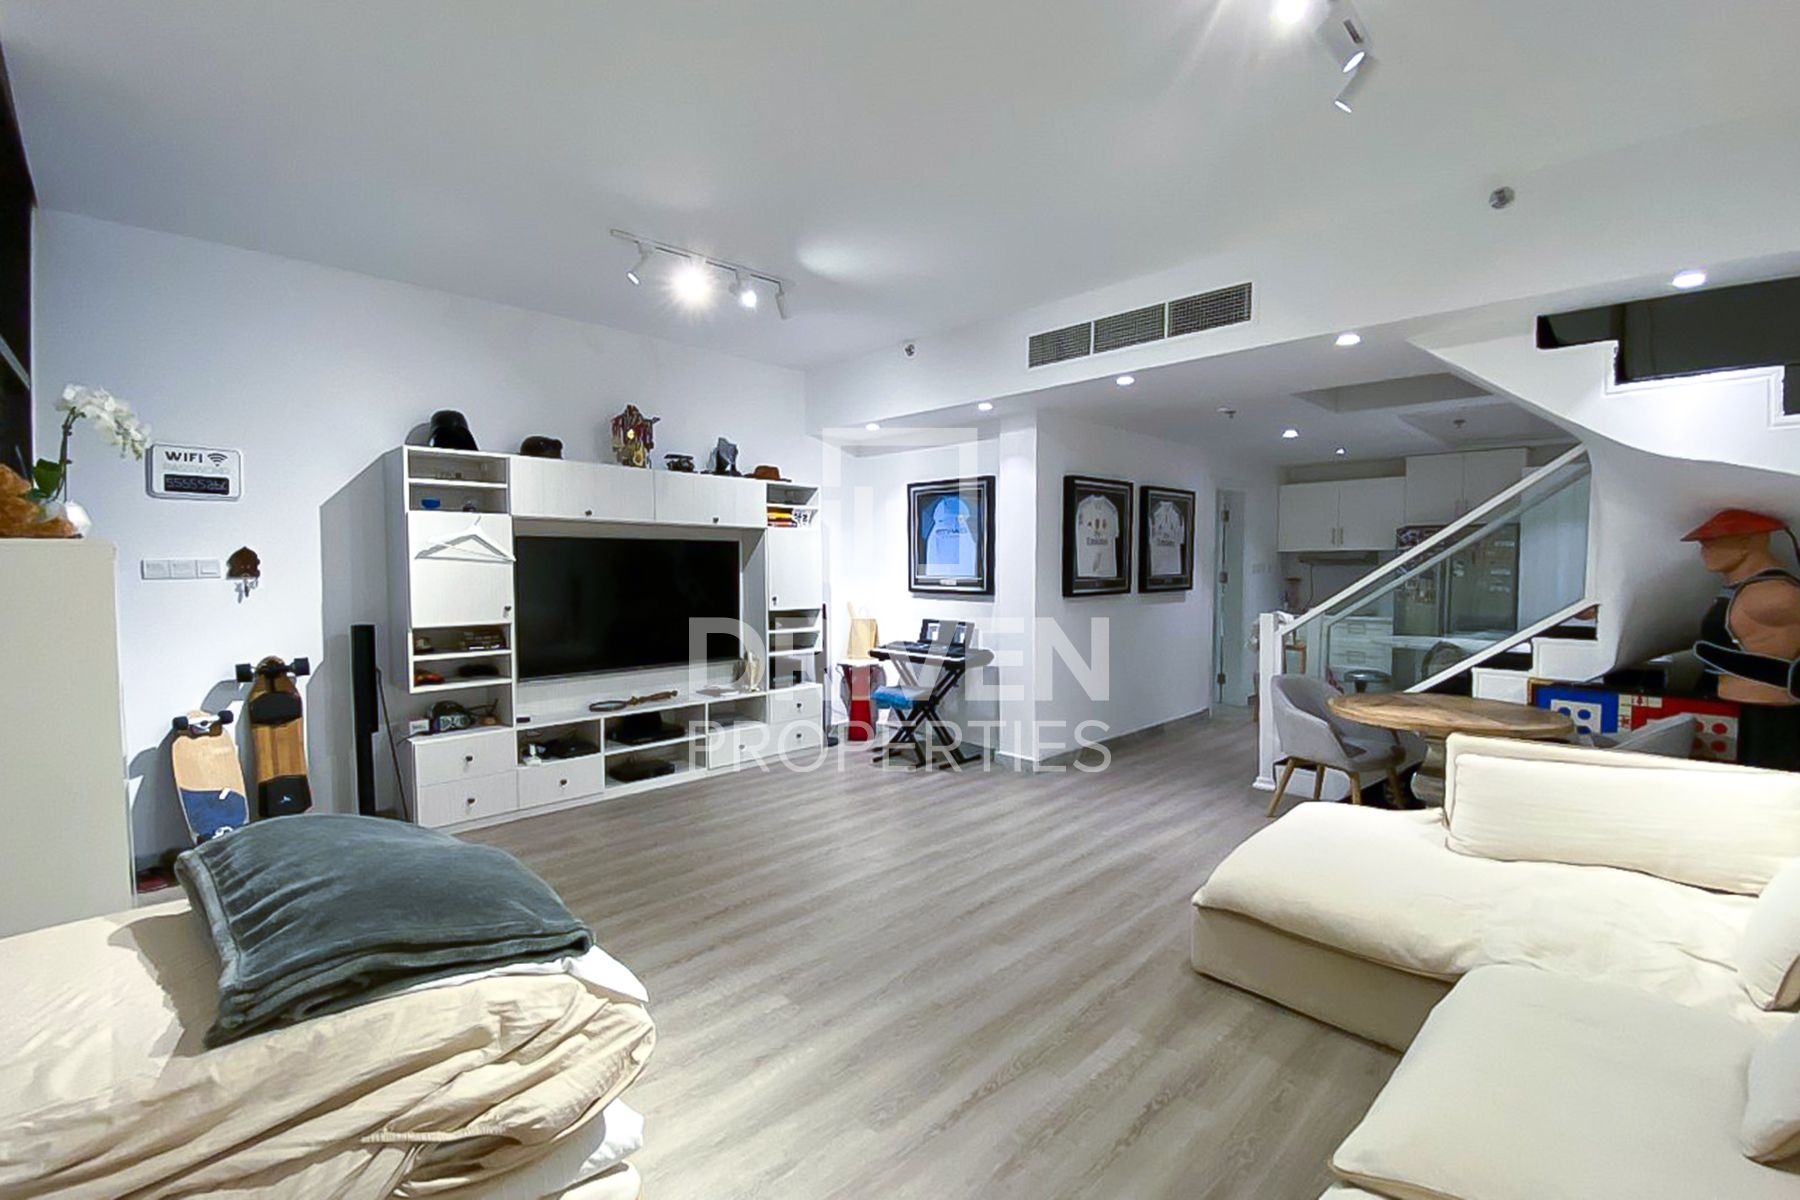 للبيع - شقة - شقق بنغاتي - واحة السيليكون